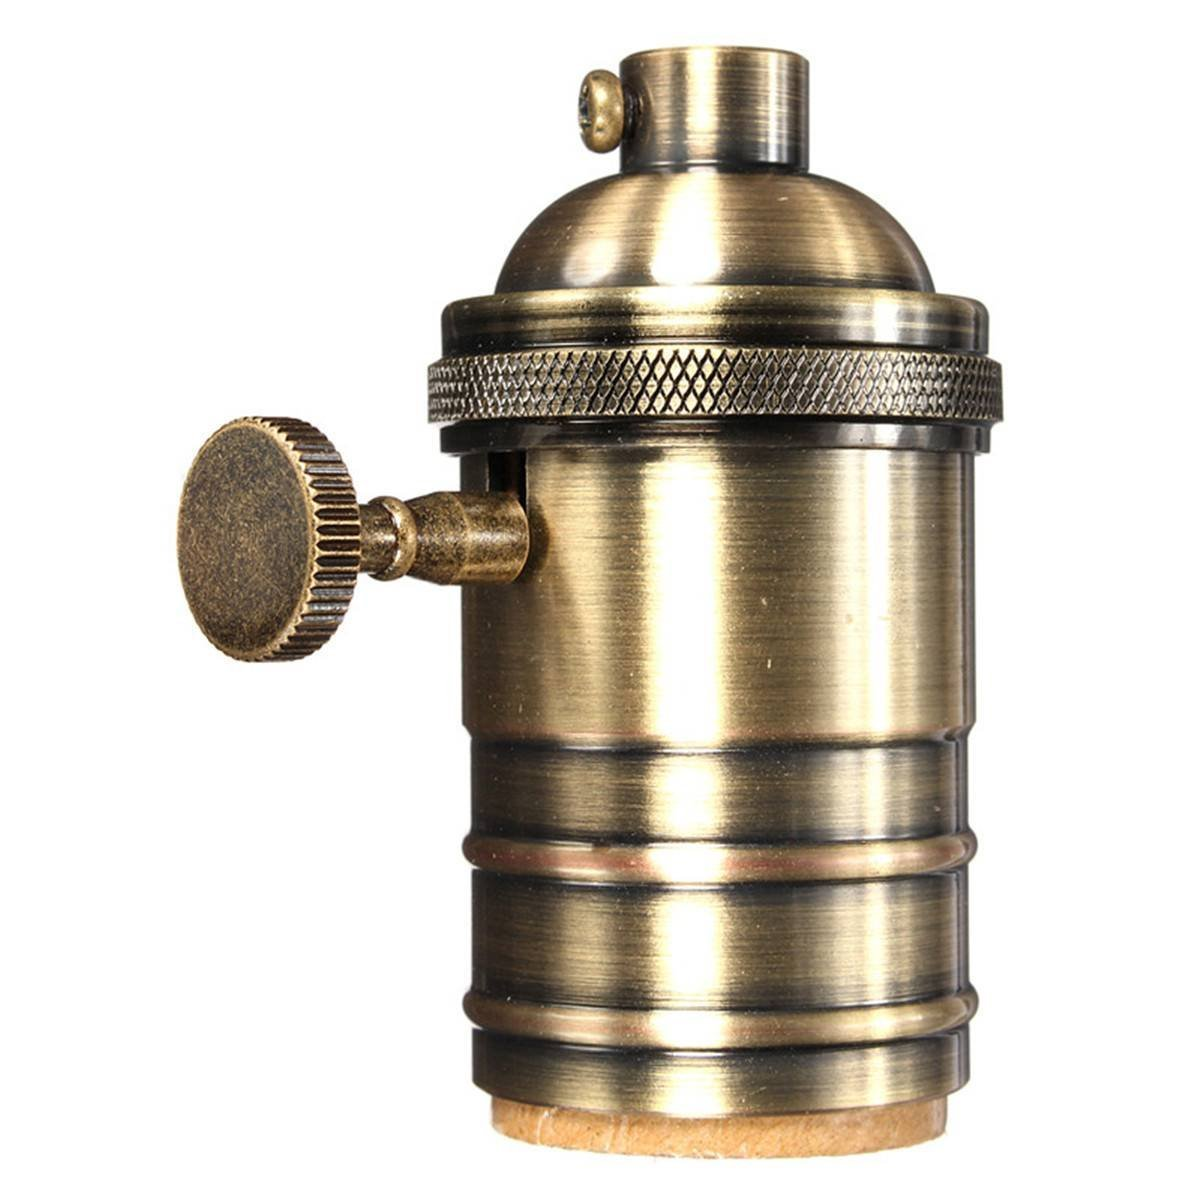 pendant lighting edison. Newhouse Lighting E26/Standard Base Solid Brass Light Socket Vintage Edison Pendant Lamp Holder